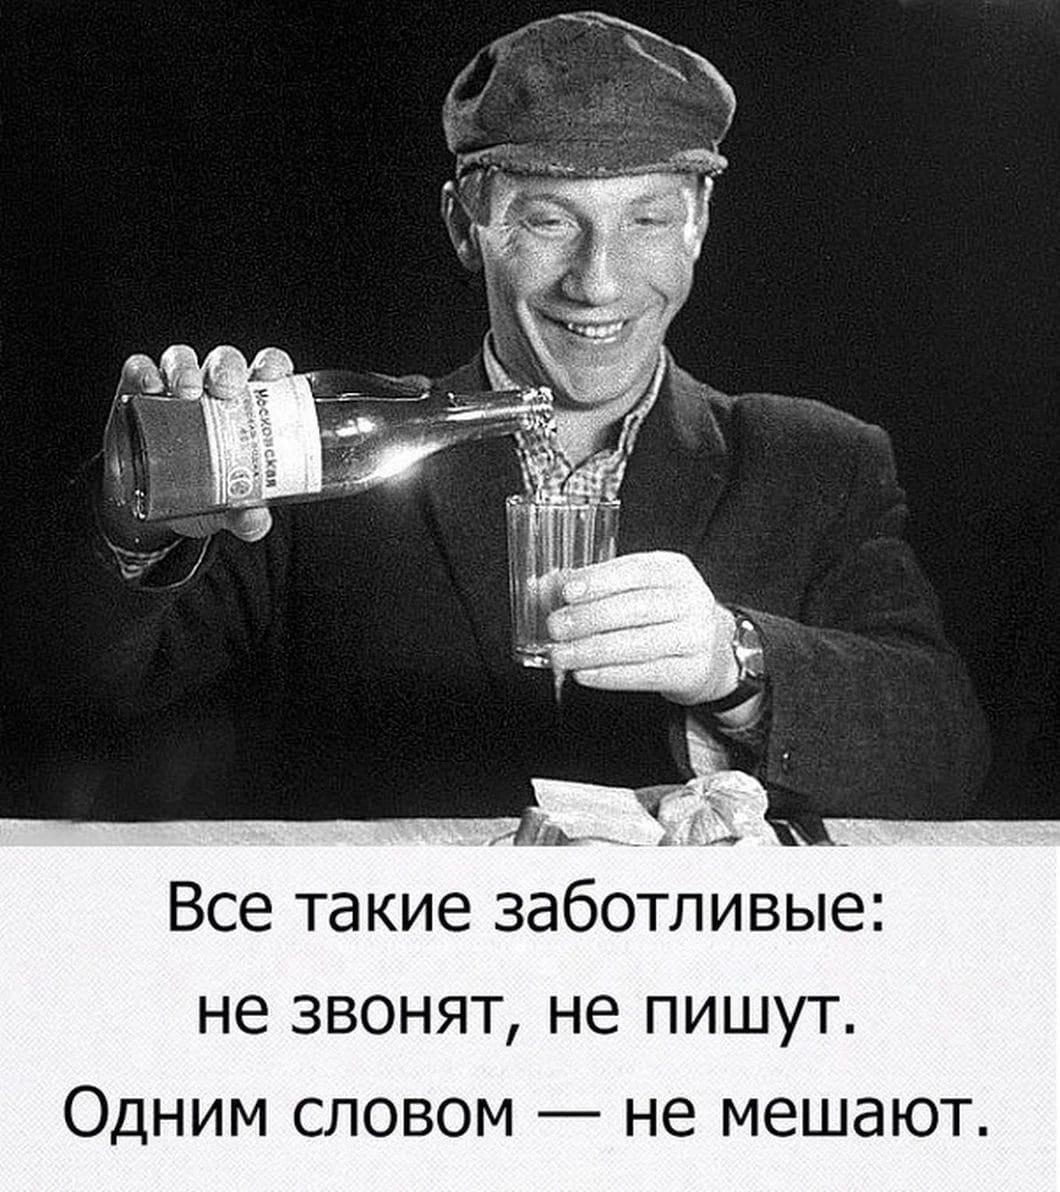 Игра для гуманитариев: садитесь в круг и по очереди начинаете говорить... значит, корову, Васька, говорит, Отелло, утром, Малиновки, Мужик, балдахин, Мелкий, мужик, отдавай, стороны, Козёл, Ваську, отдает, Косой, сказал, когда, будет